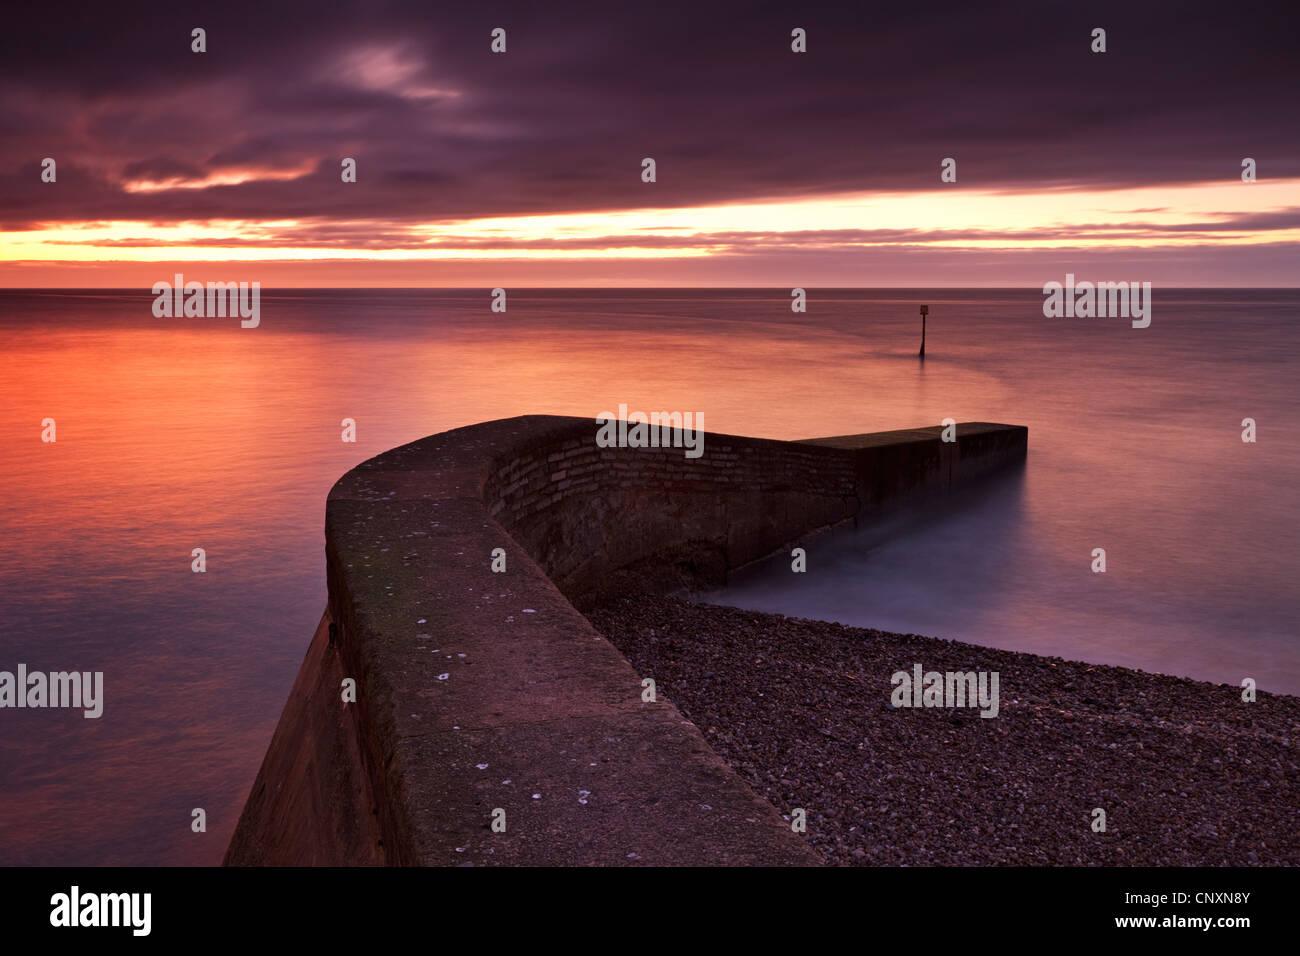 Muelle de Piedra en Sidmouth en la playa al amanecer, Sidmouth, Devon, Inglaterra. Invierno (enero de 2012). Imagen De Stock